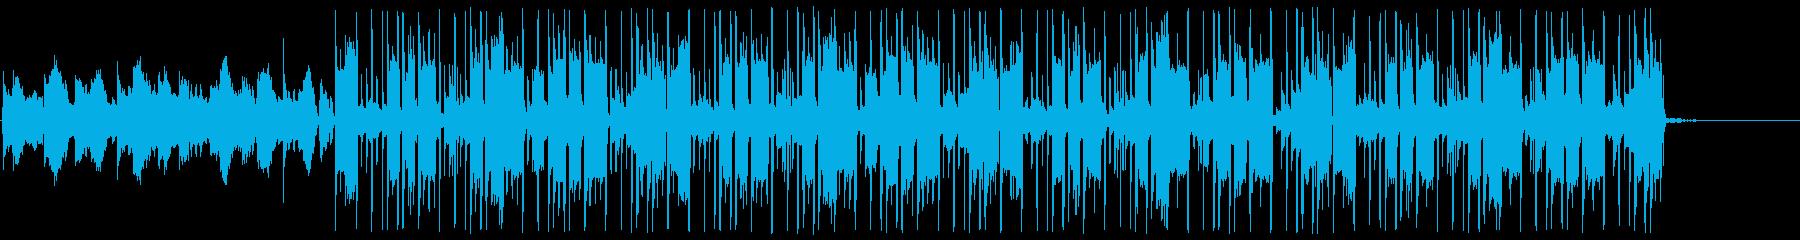 現代的なかっこいいヒップホップの再生済みの波形